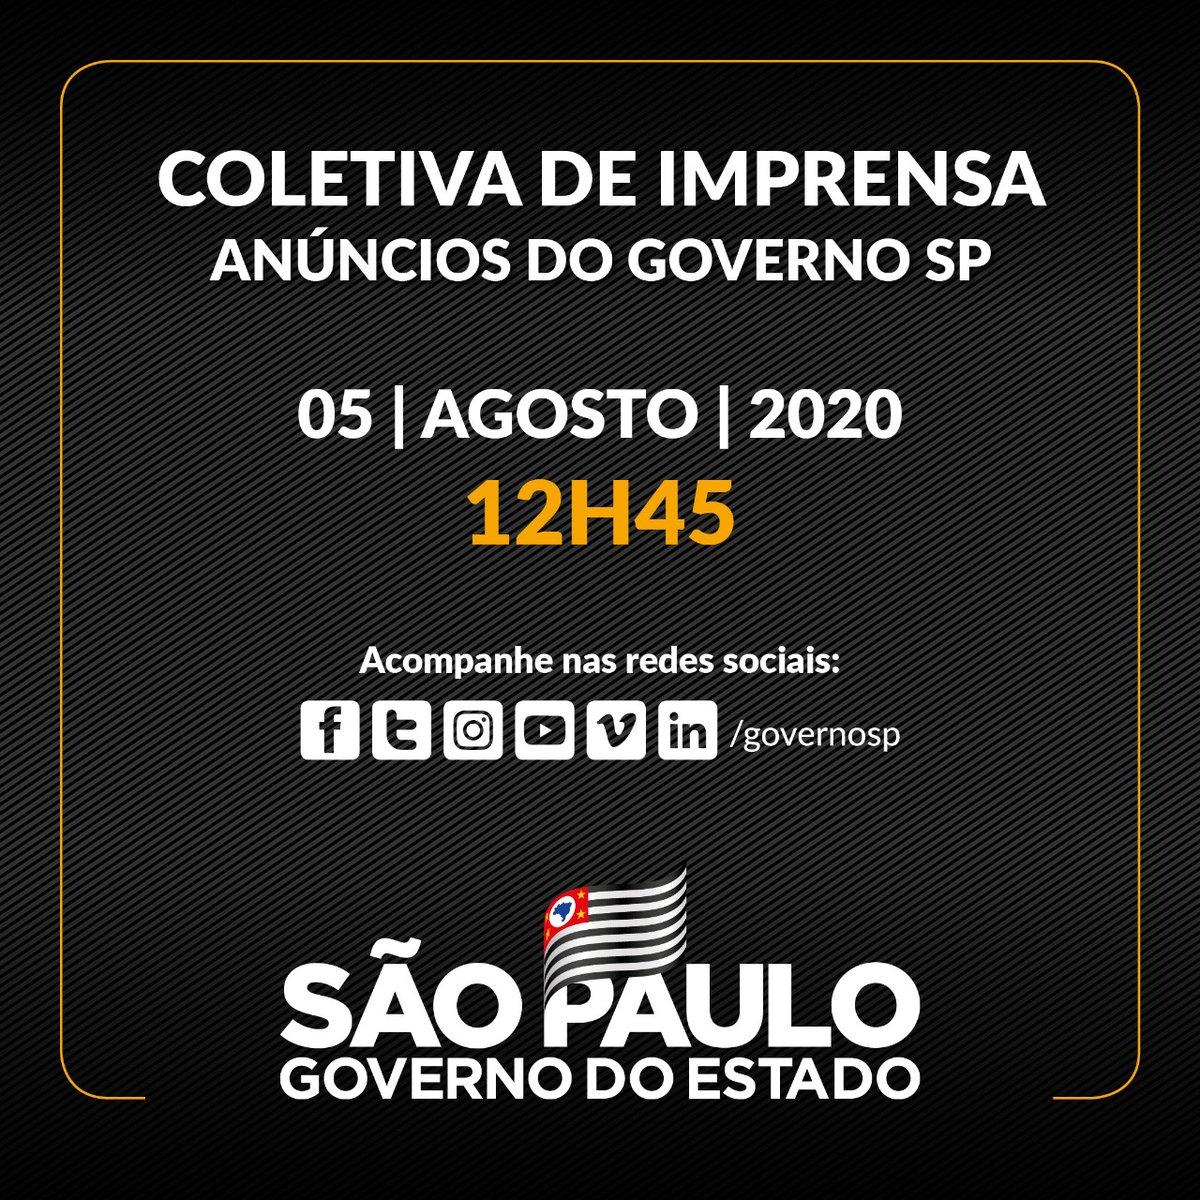 🎙️Coletiva de imprensa Governo de São Paulo   ✅ Hoje (5/8), às 12h45  ➡️ Acompanhe nas redes sociais https://t.co/rDBSUuiUvh